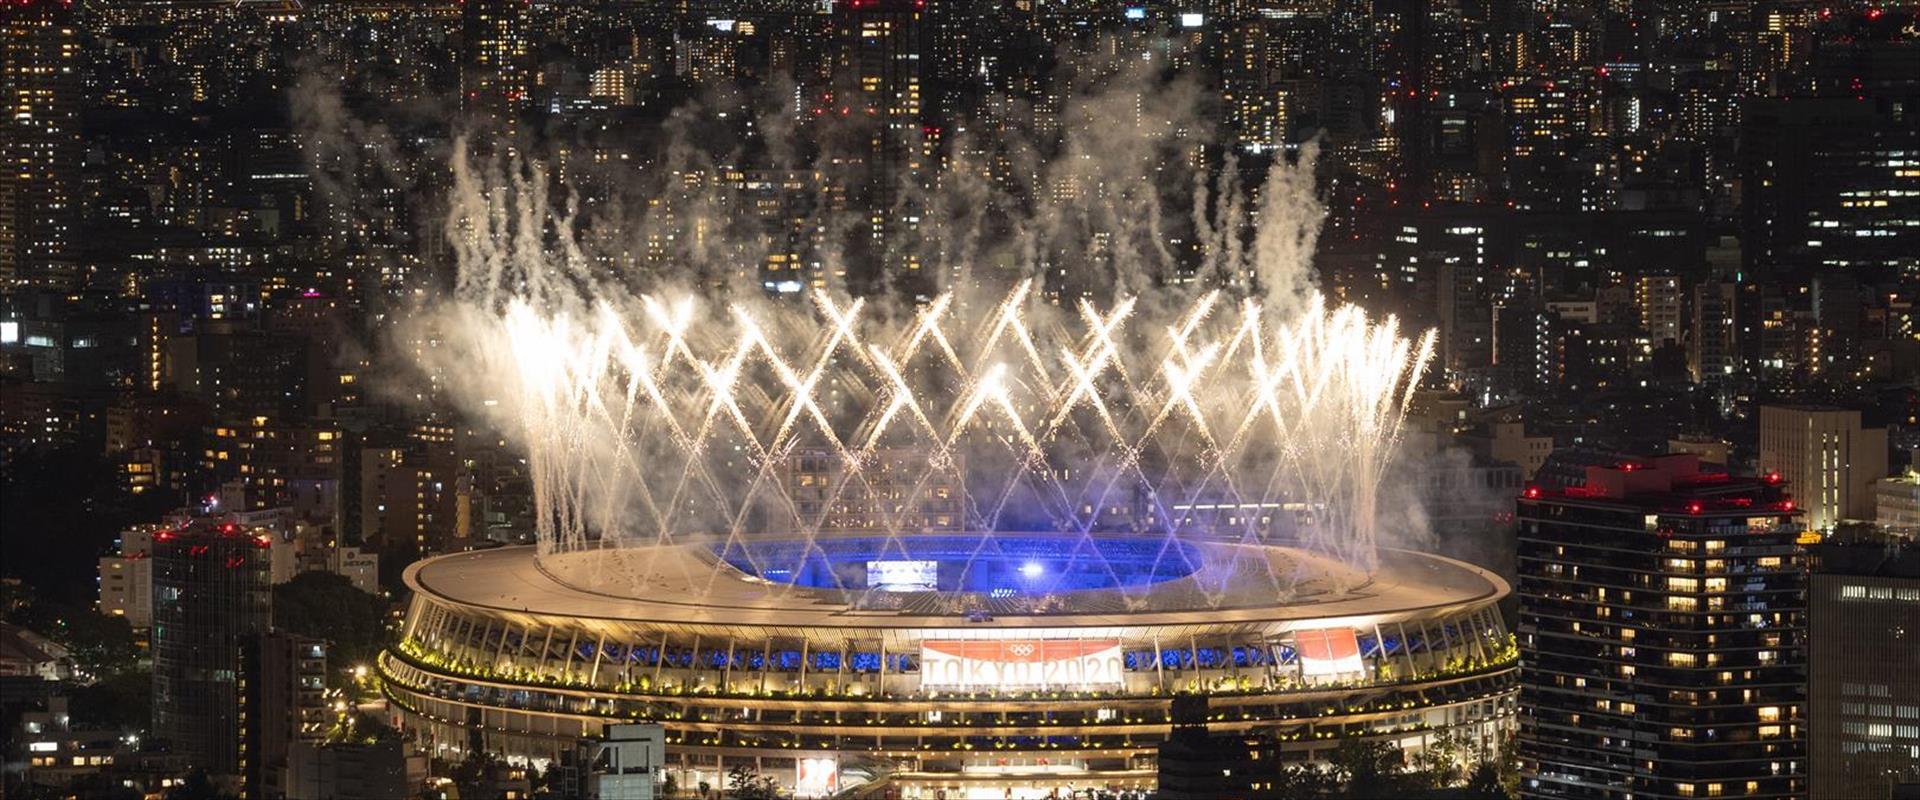 טקס נעילת המשחקים האולימפיים בטוקיו, היום